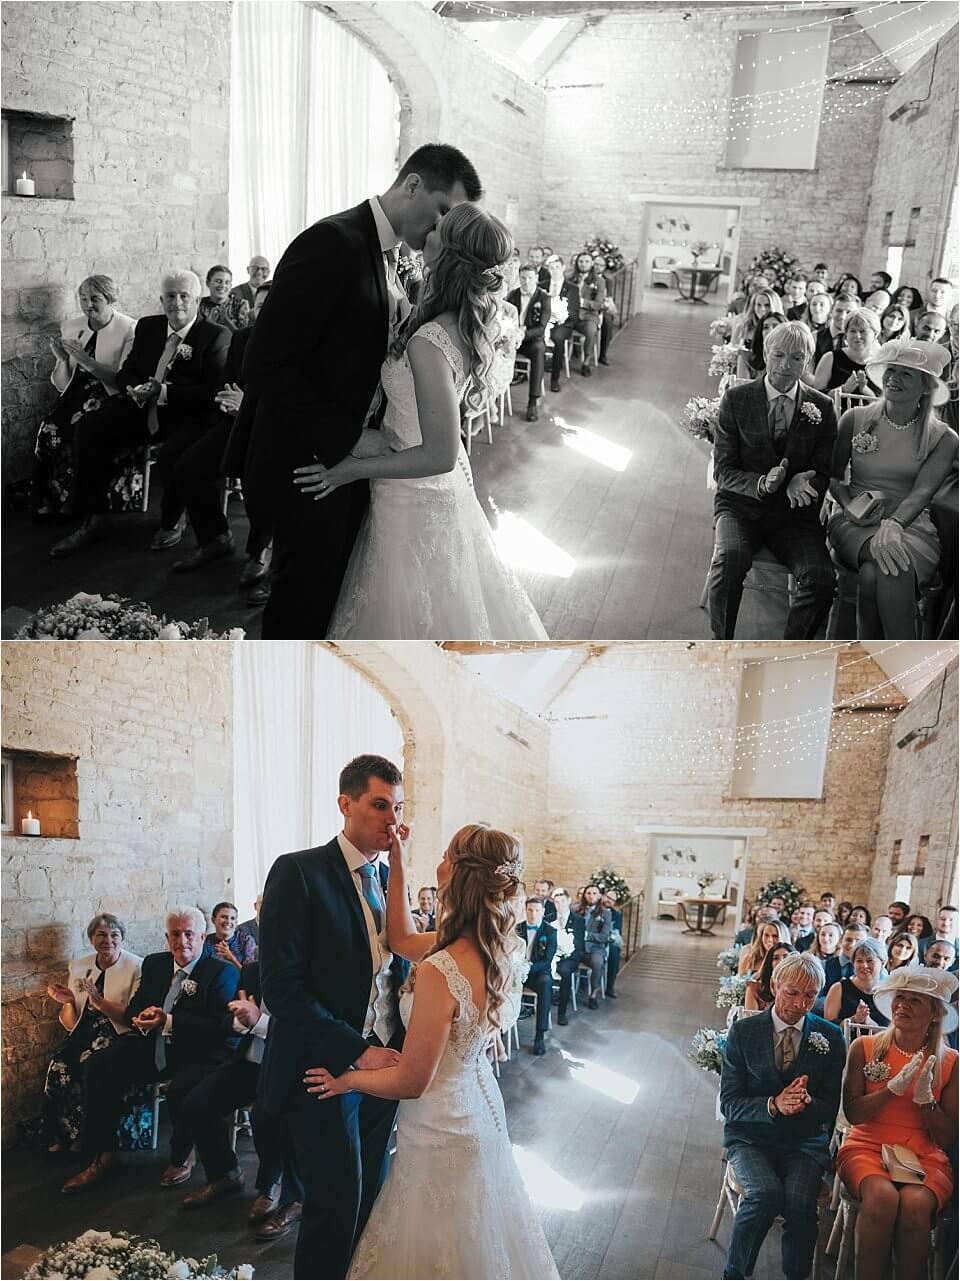 Chipping Campden Wedding